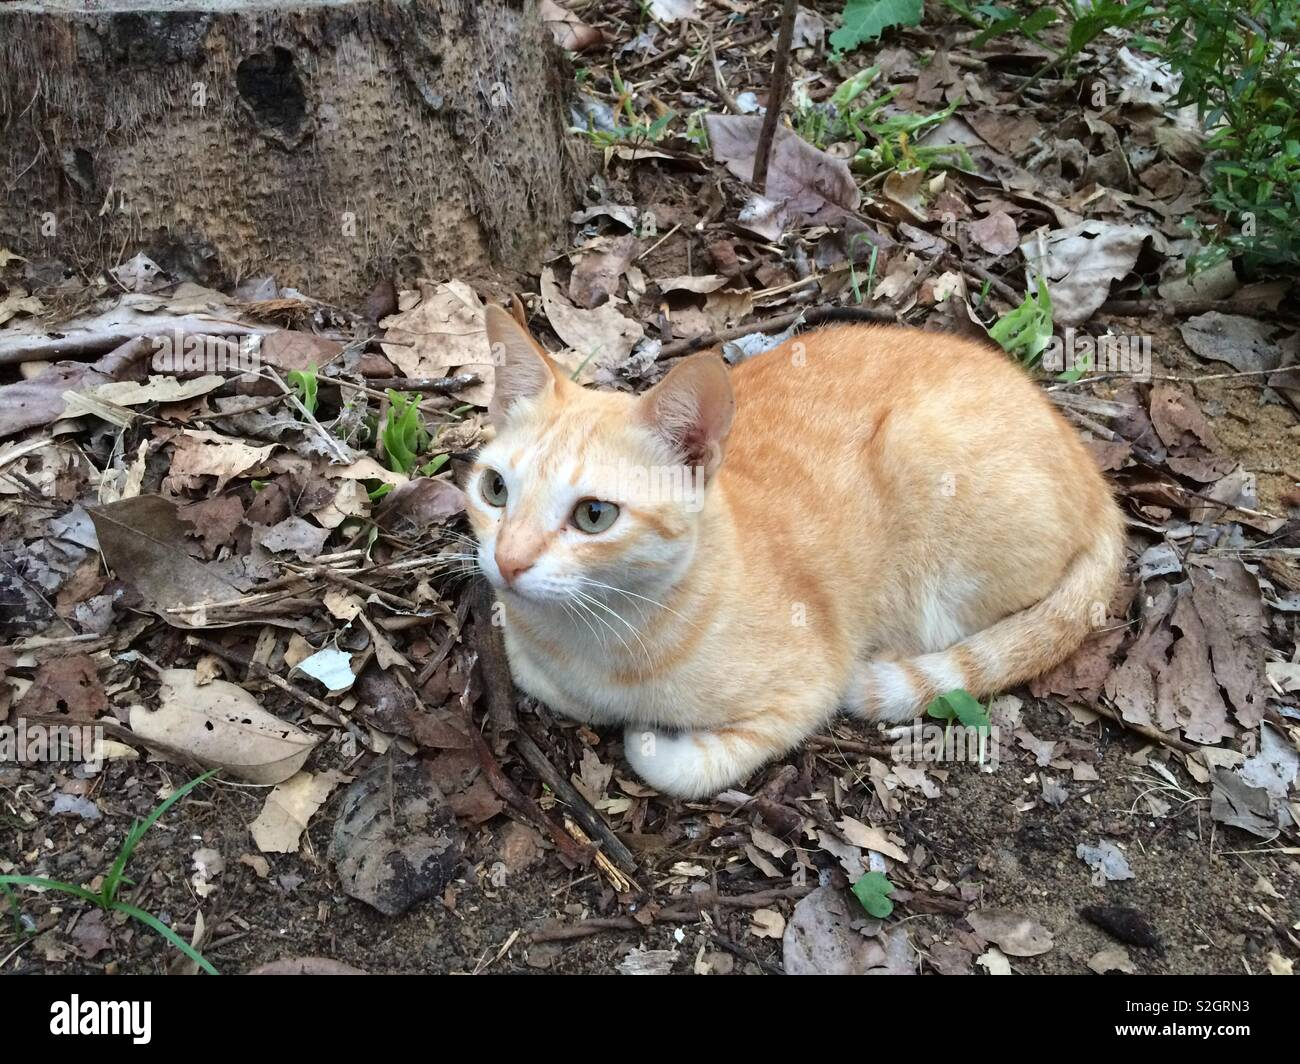 Cat aim - Stock Image